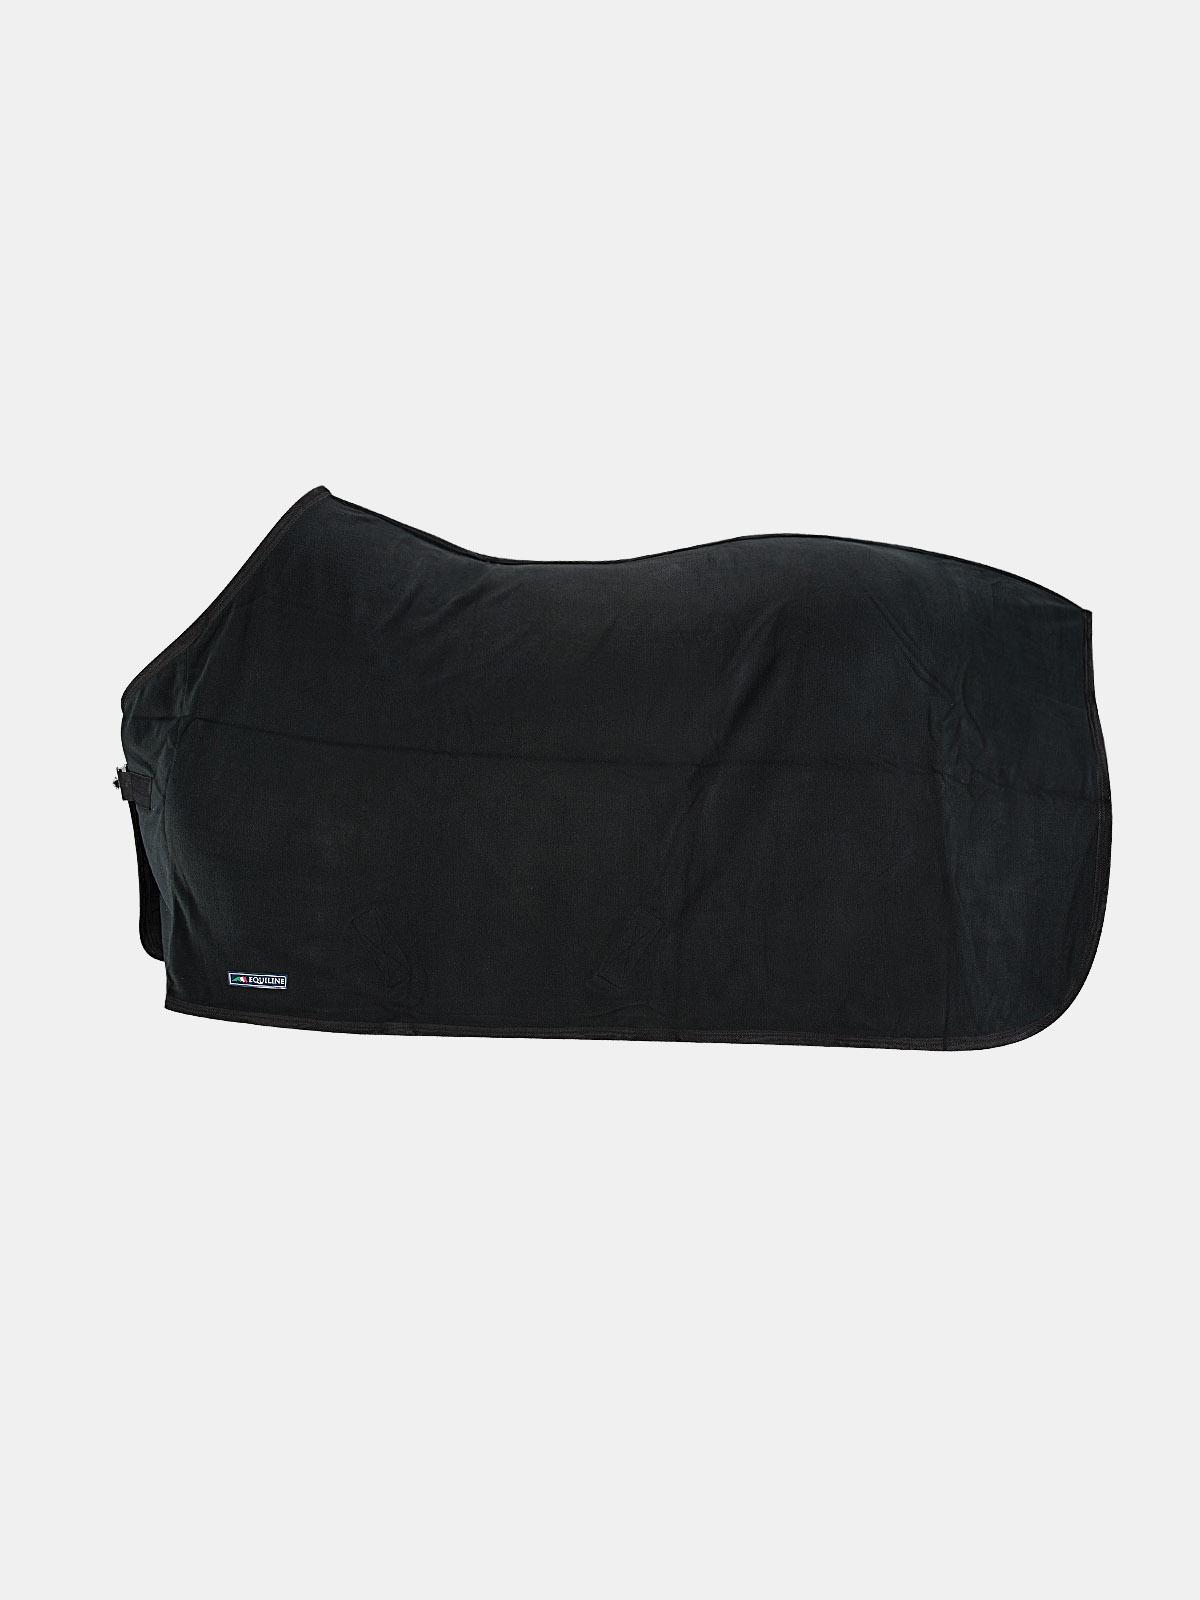 HUGO - Fleece Cooler with Inner Cross-Surcingles 3